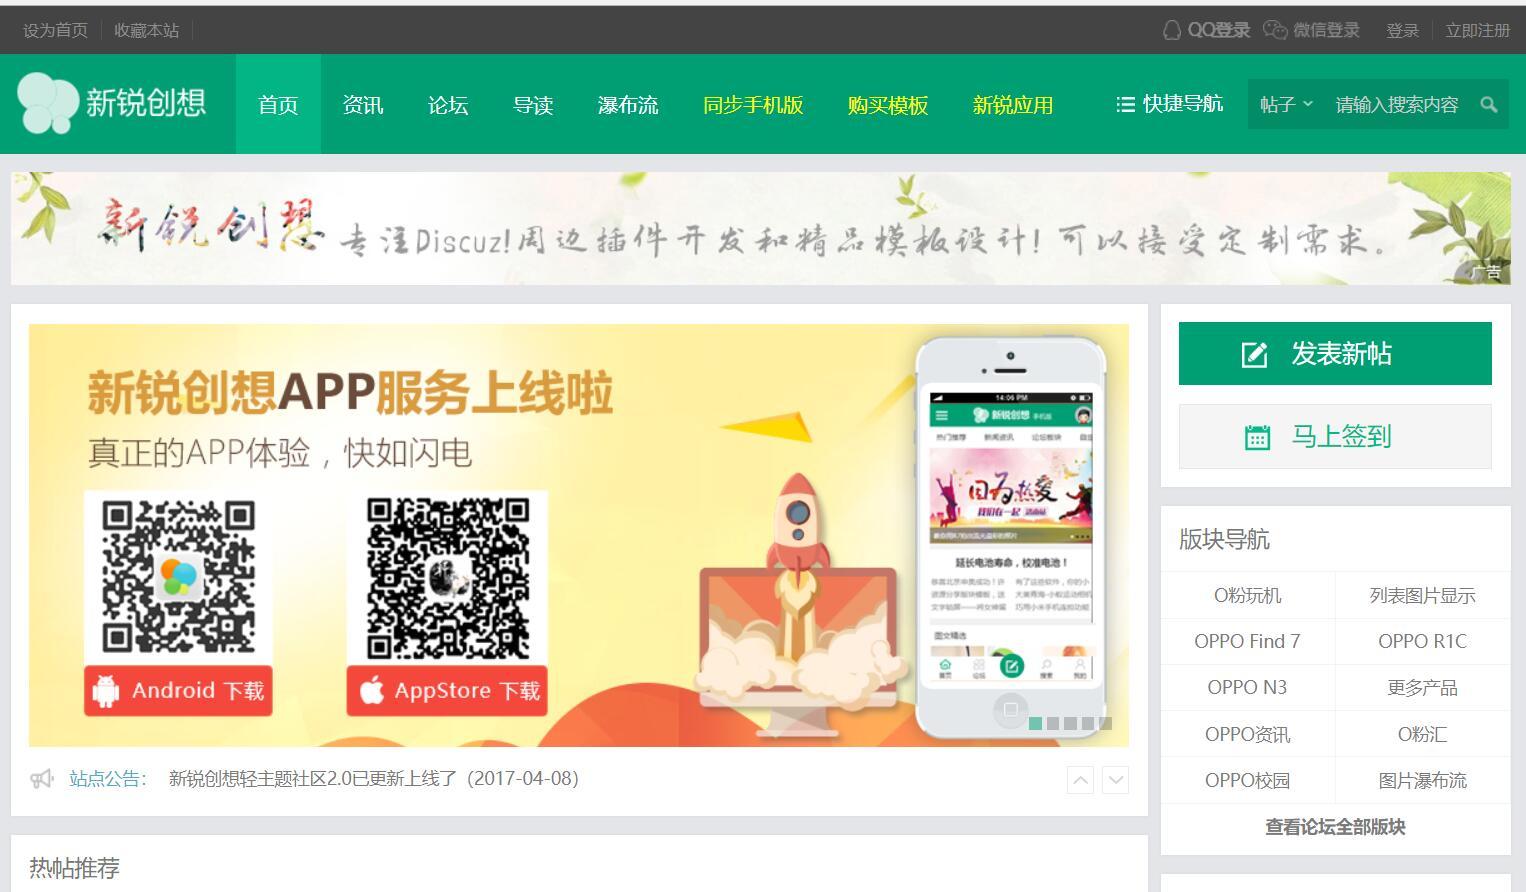 【免费下载】最新新锐创想轻主题社区 GBK+UTF8 商业版dz模板分享,内置配置了8套配色风-菜鸟源码资源站